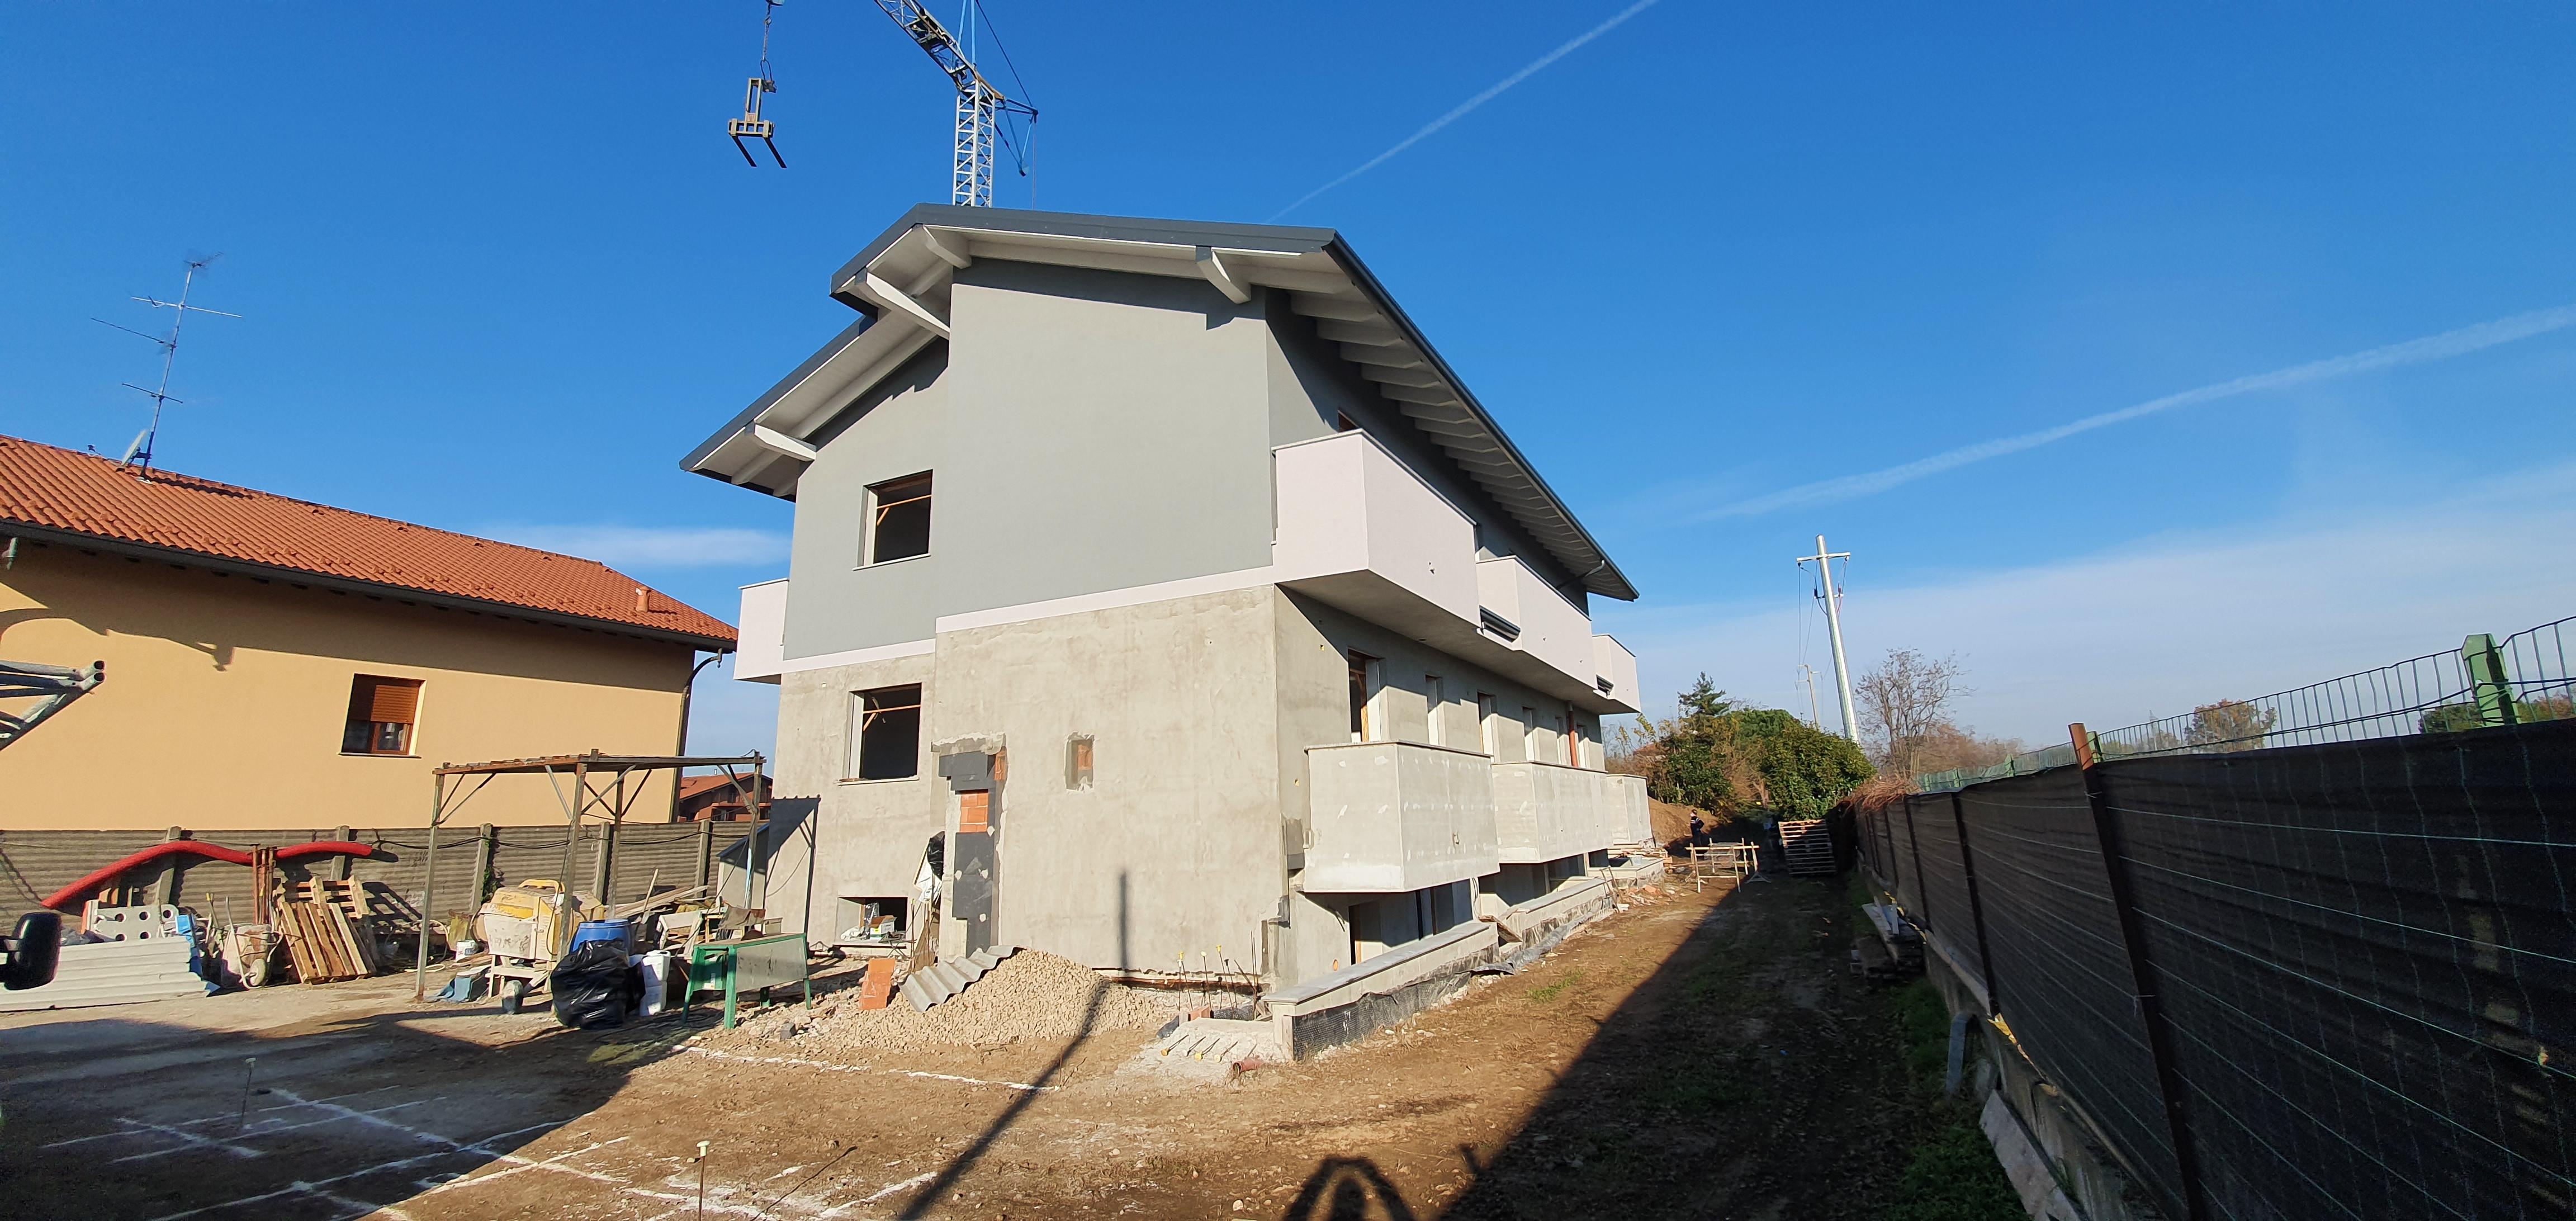 Trilocale in classe A3 di nuova costruzione a Magnago